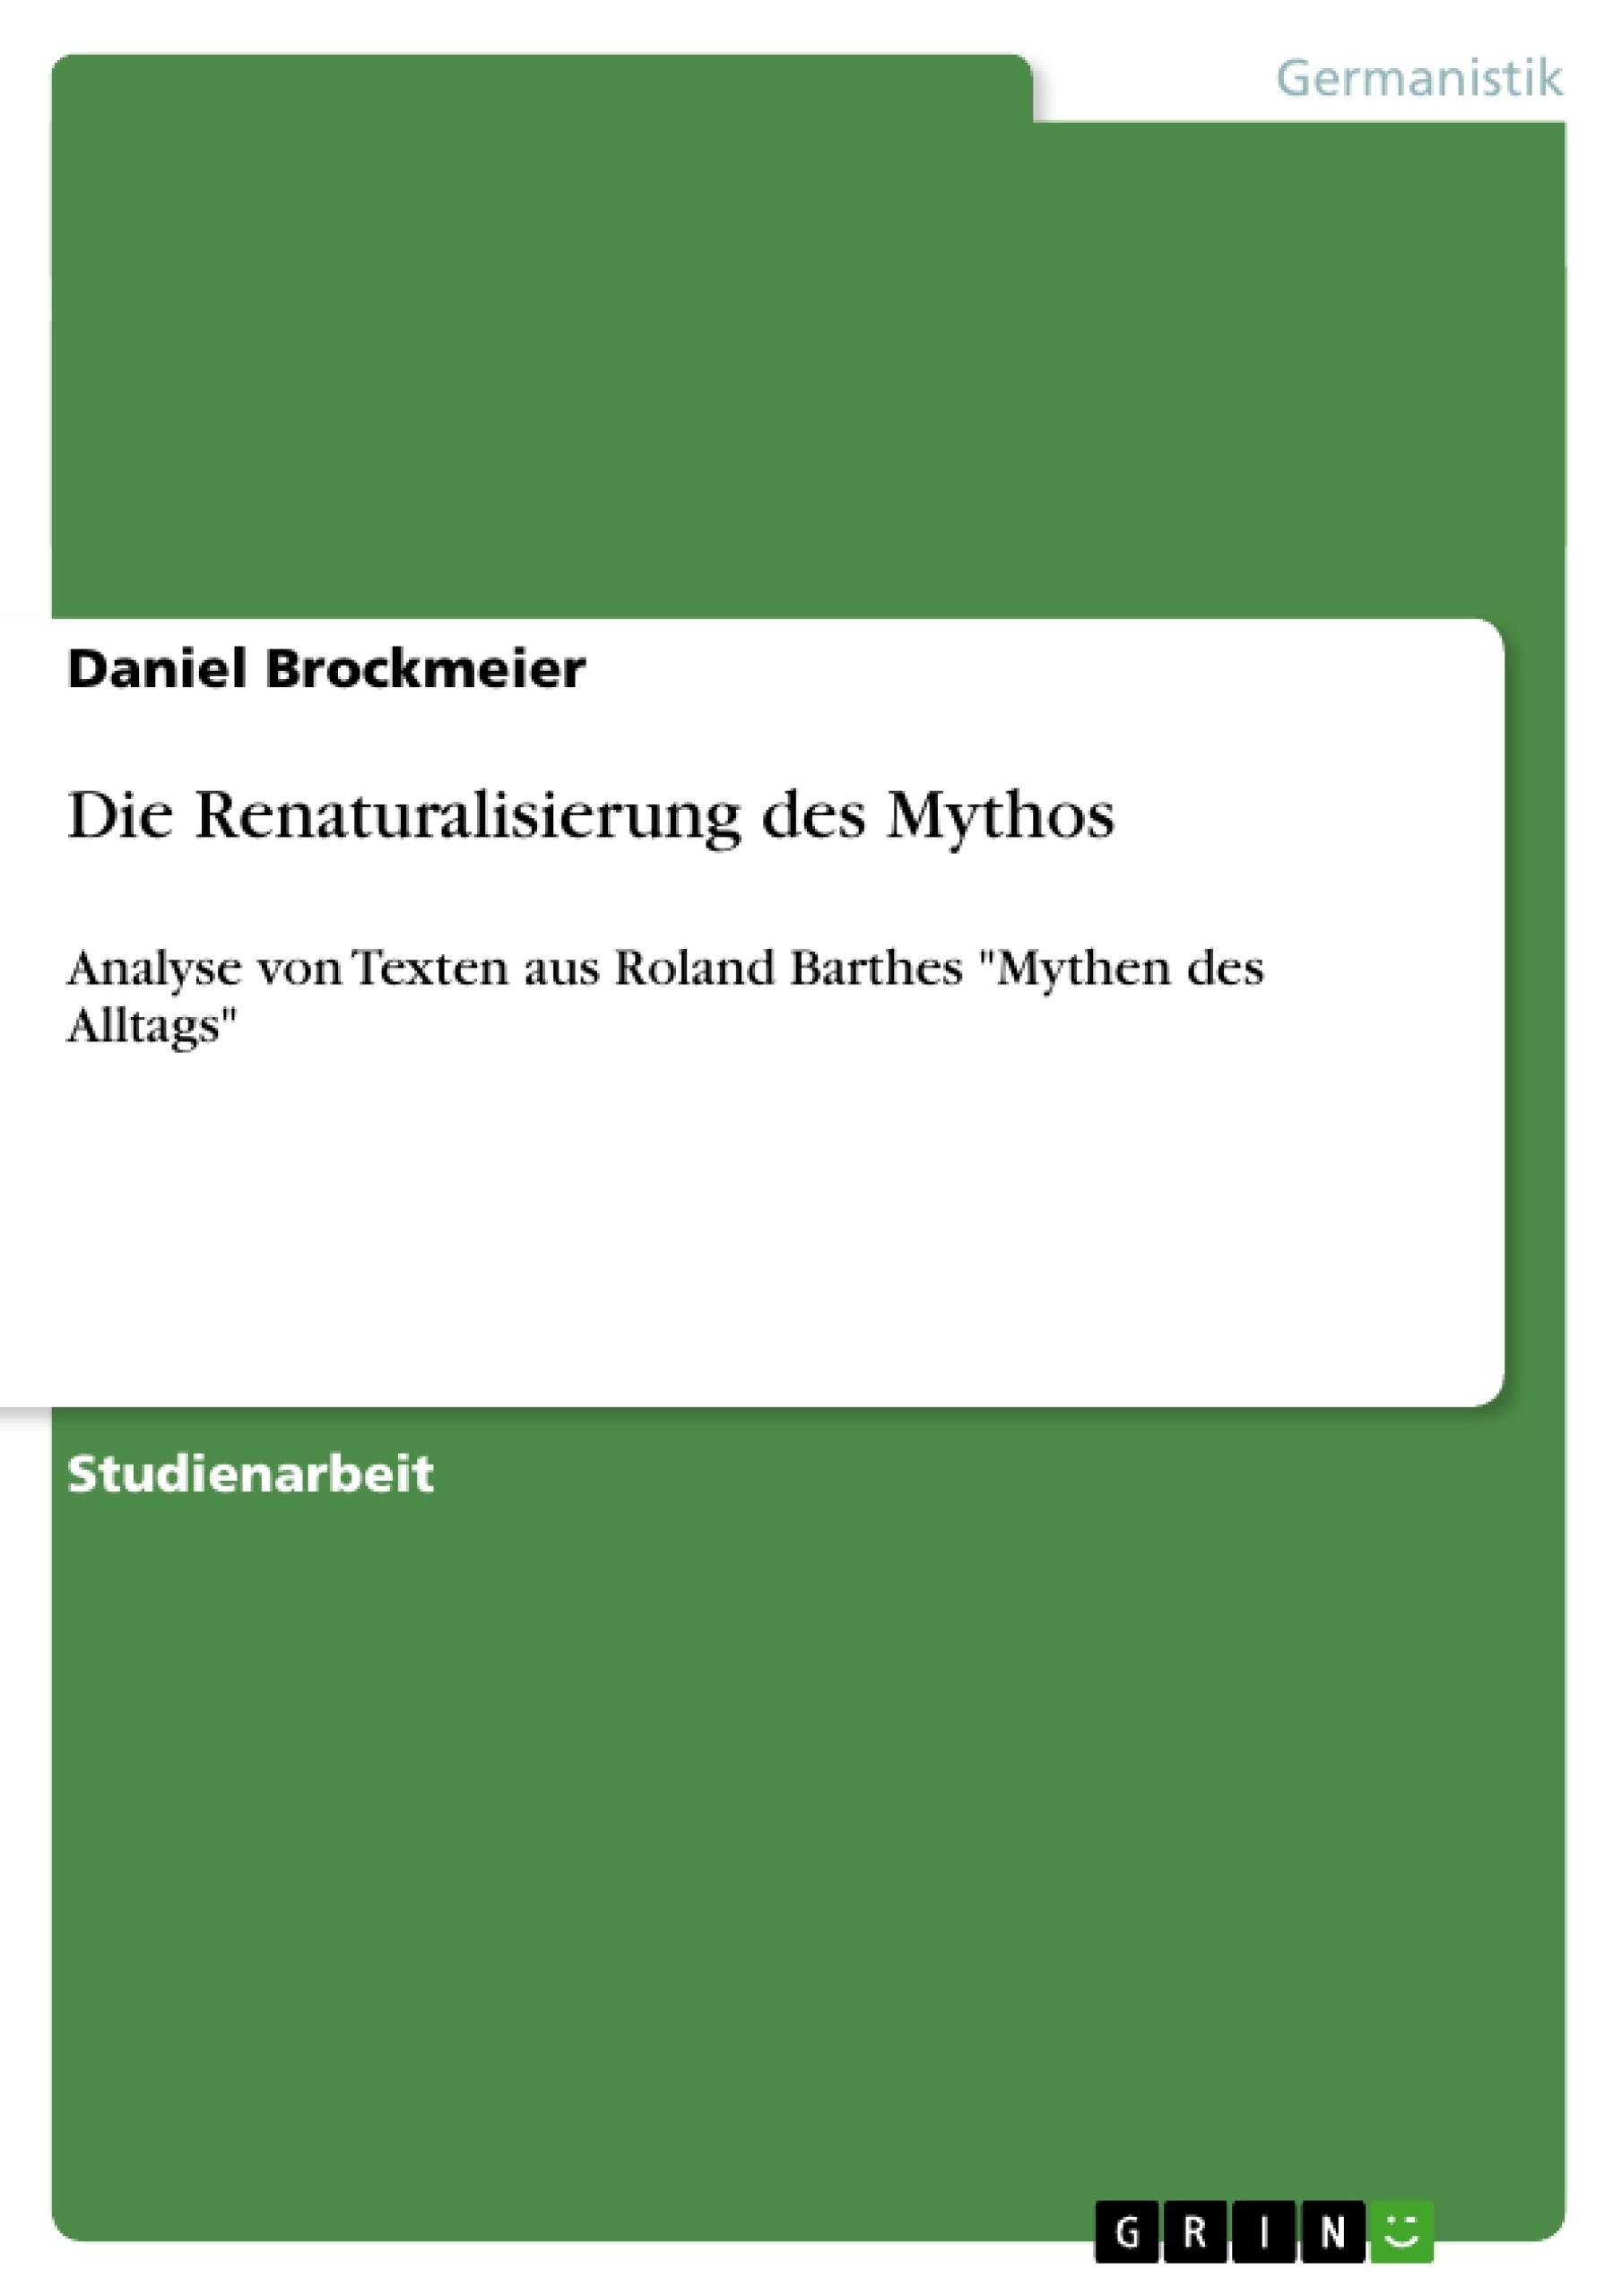 Titel: Die Renaturalisierung des Mythos